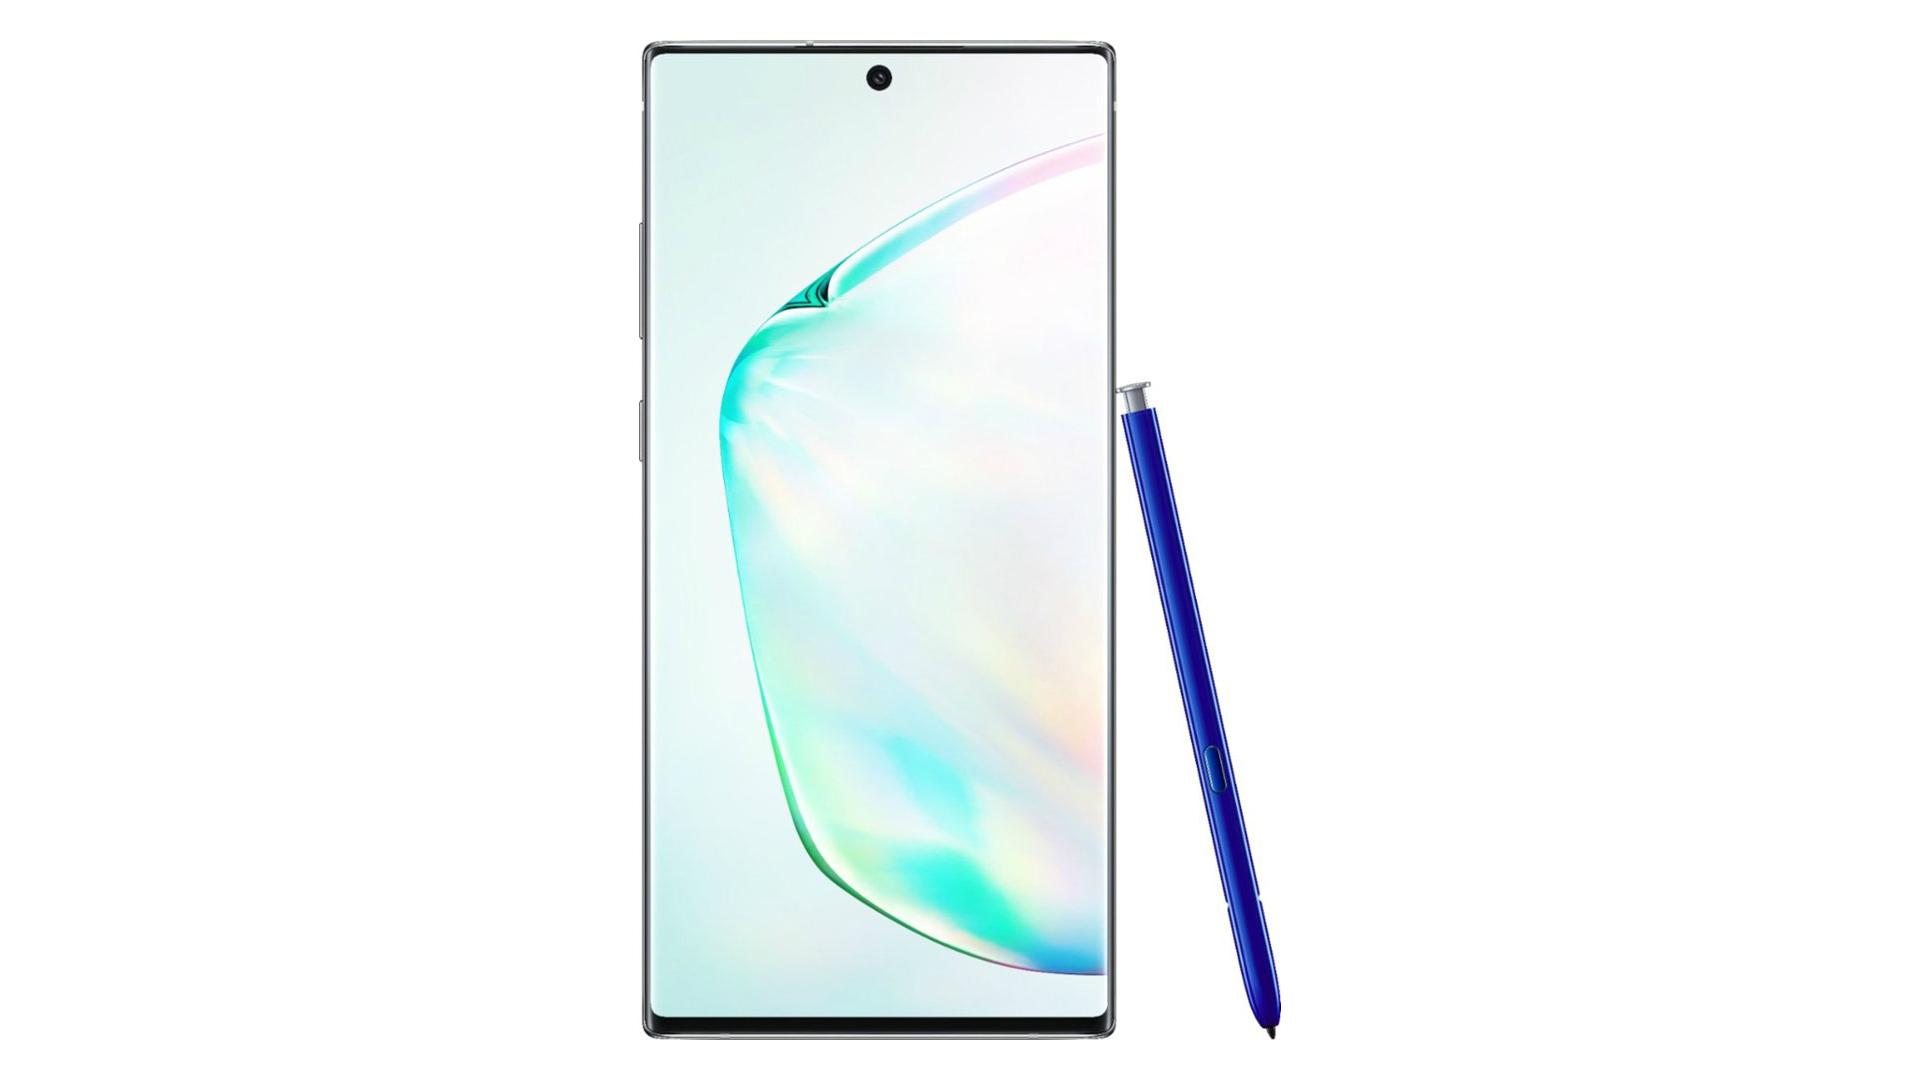 Samsung Galaxy Note 10 Plus press render